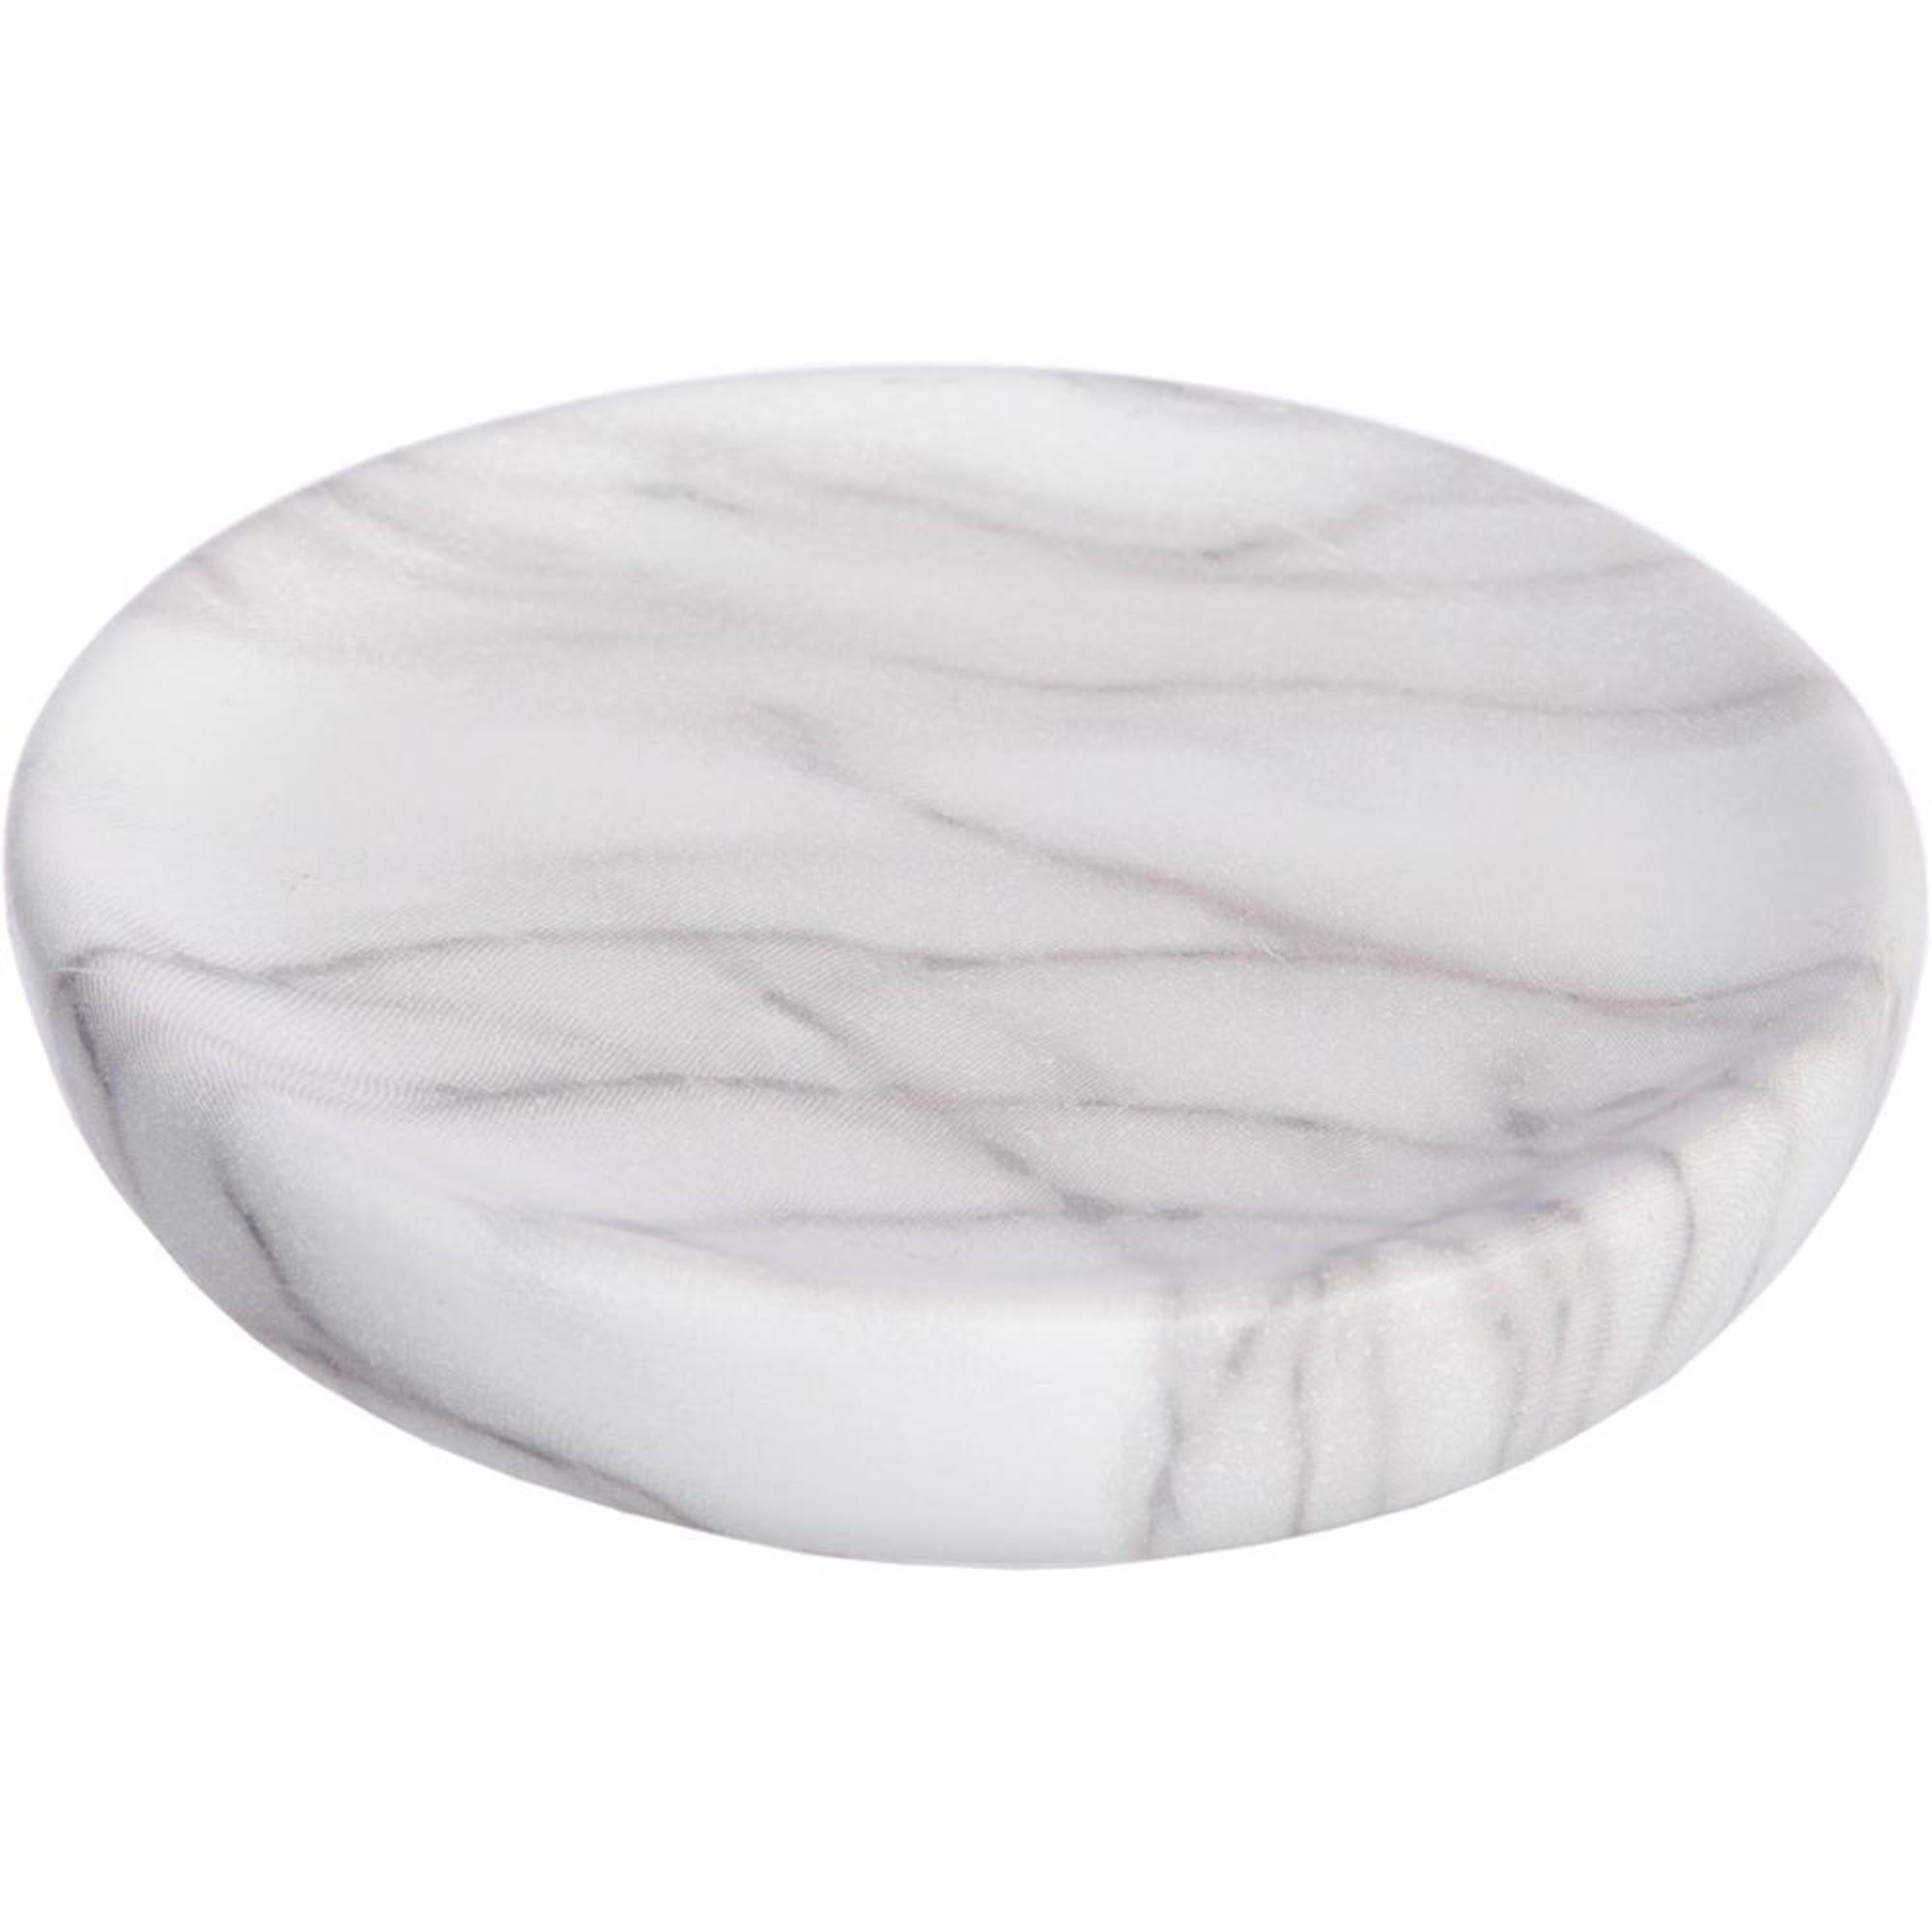 Мыльница Vanstore Белый мрамор 11х3 см